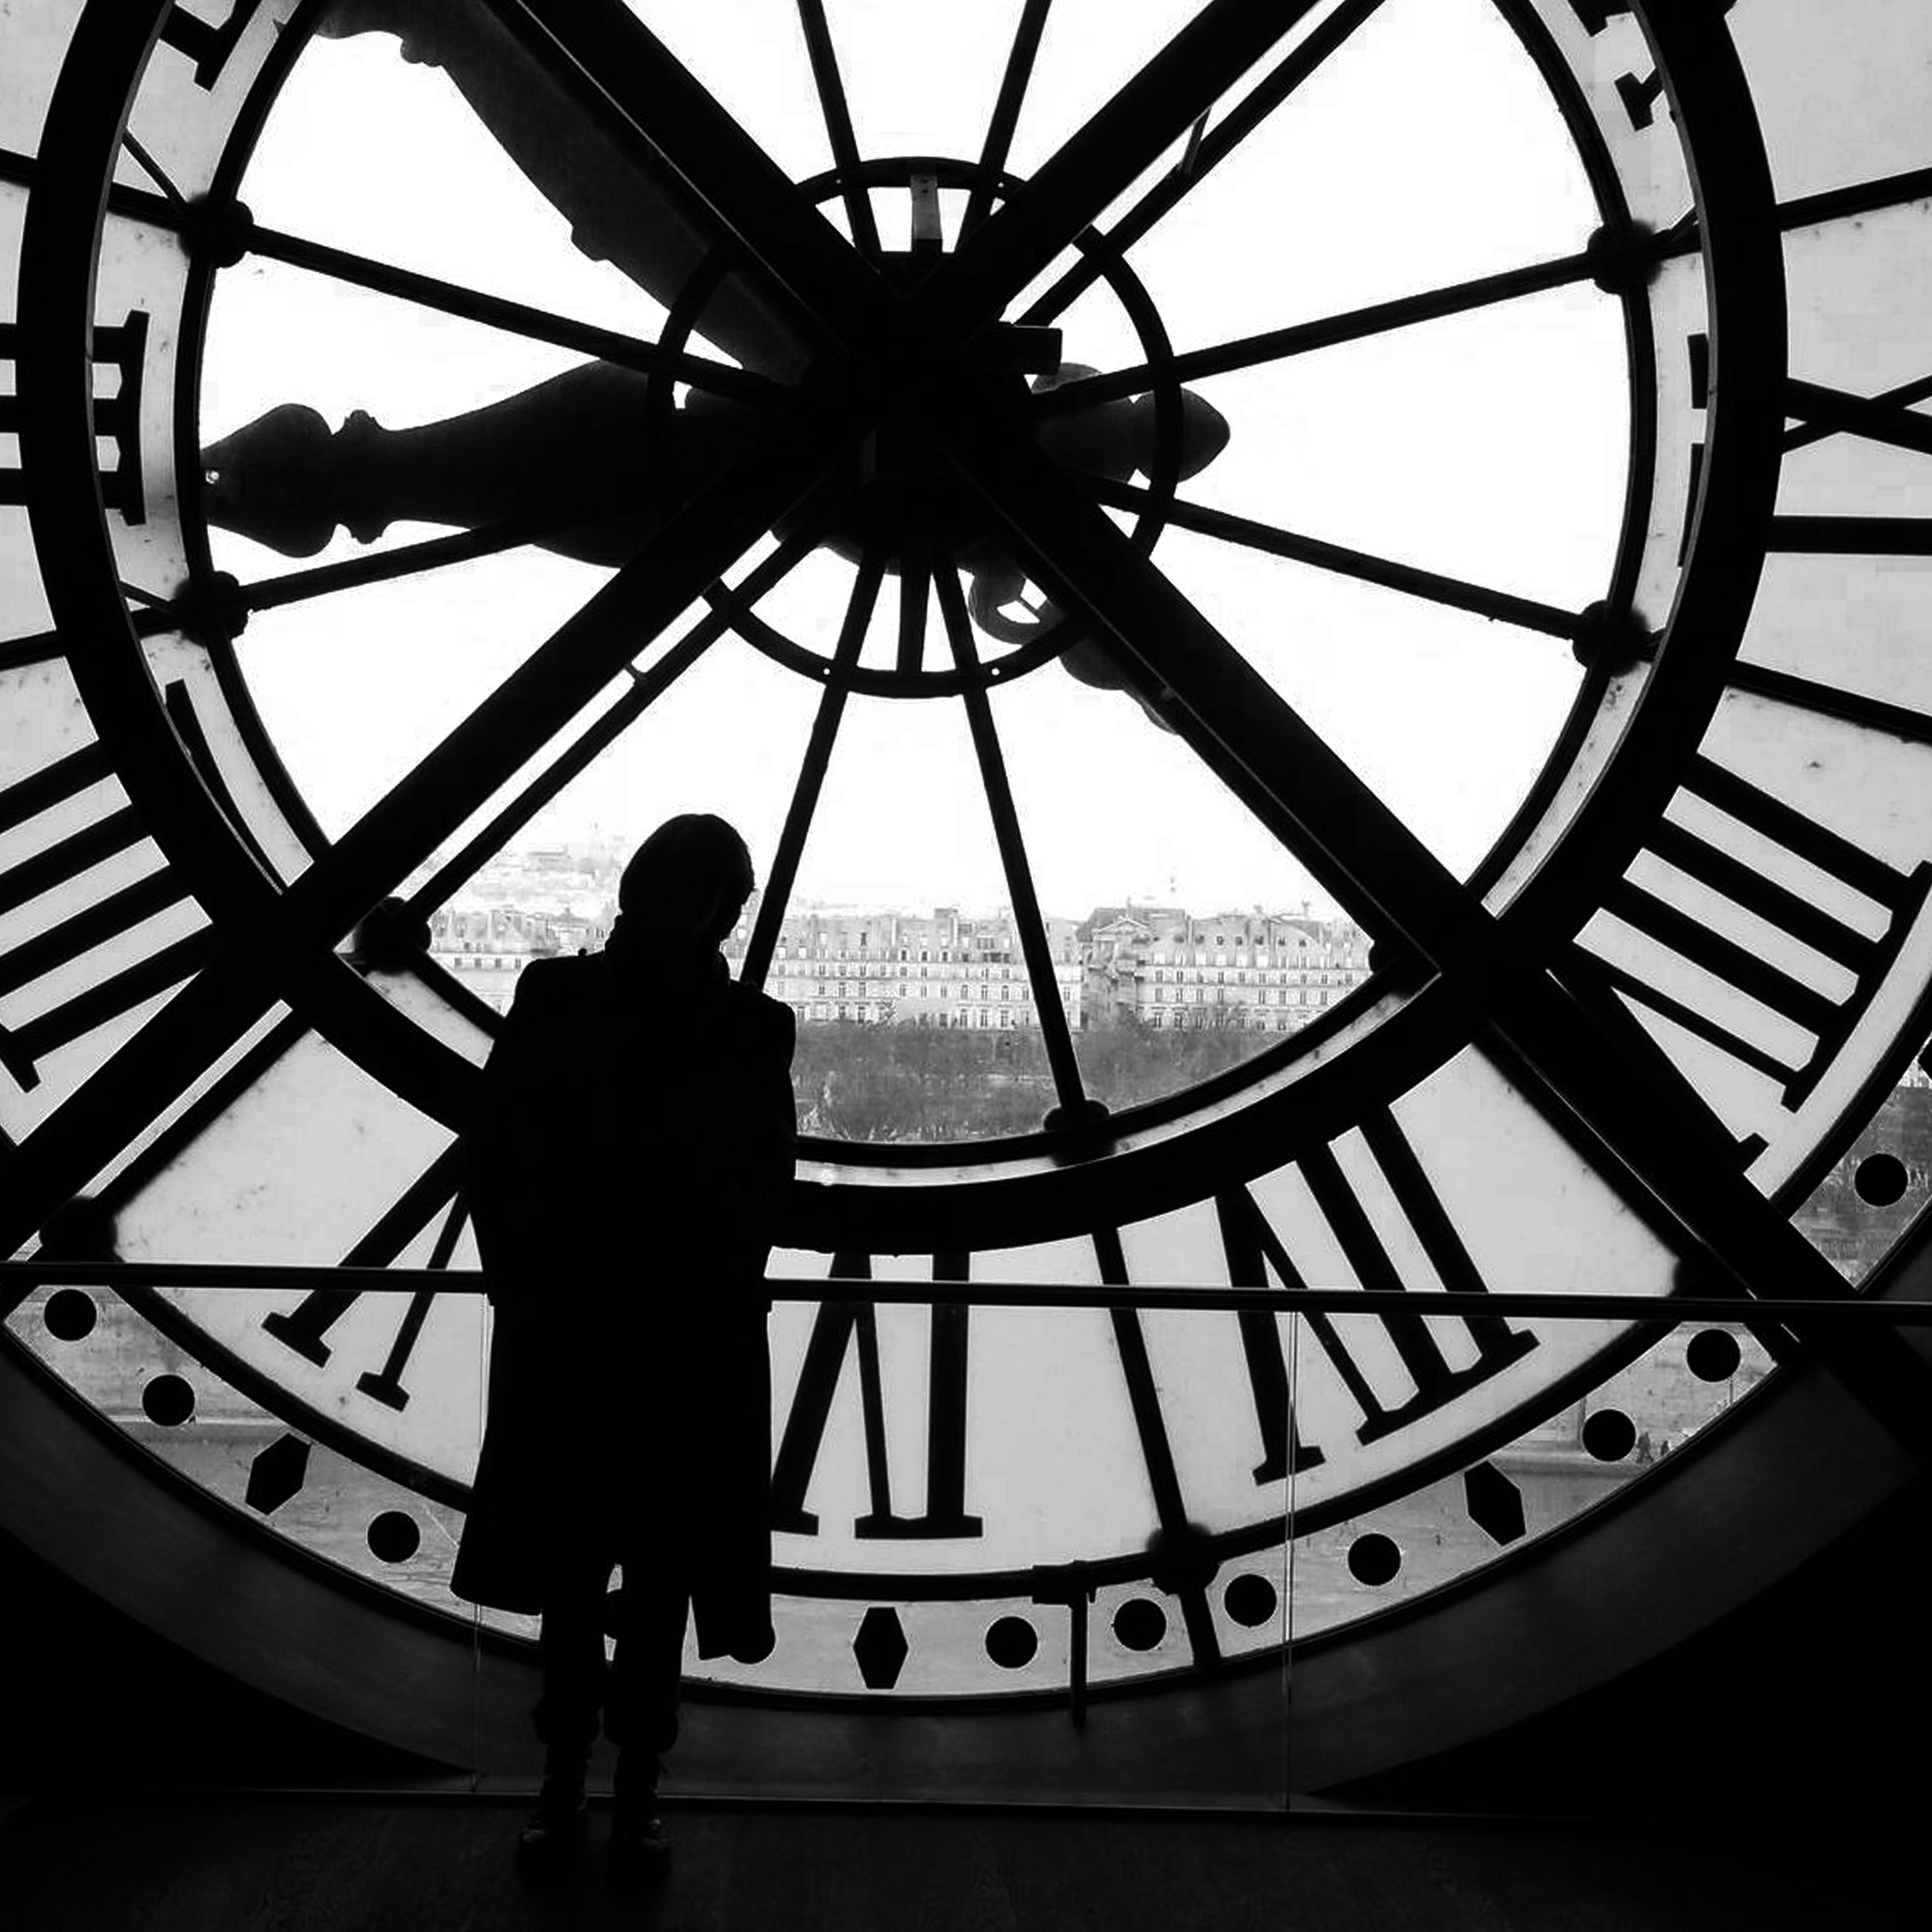 clockpic.jpg